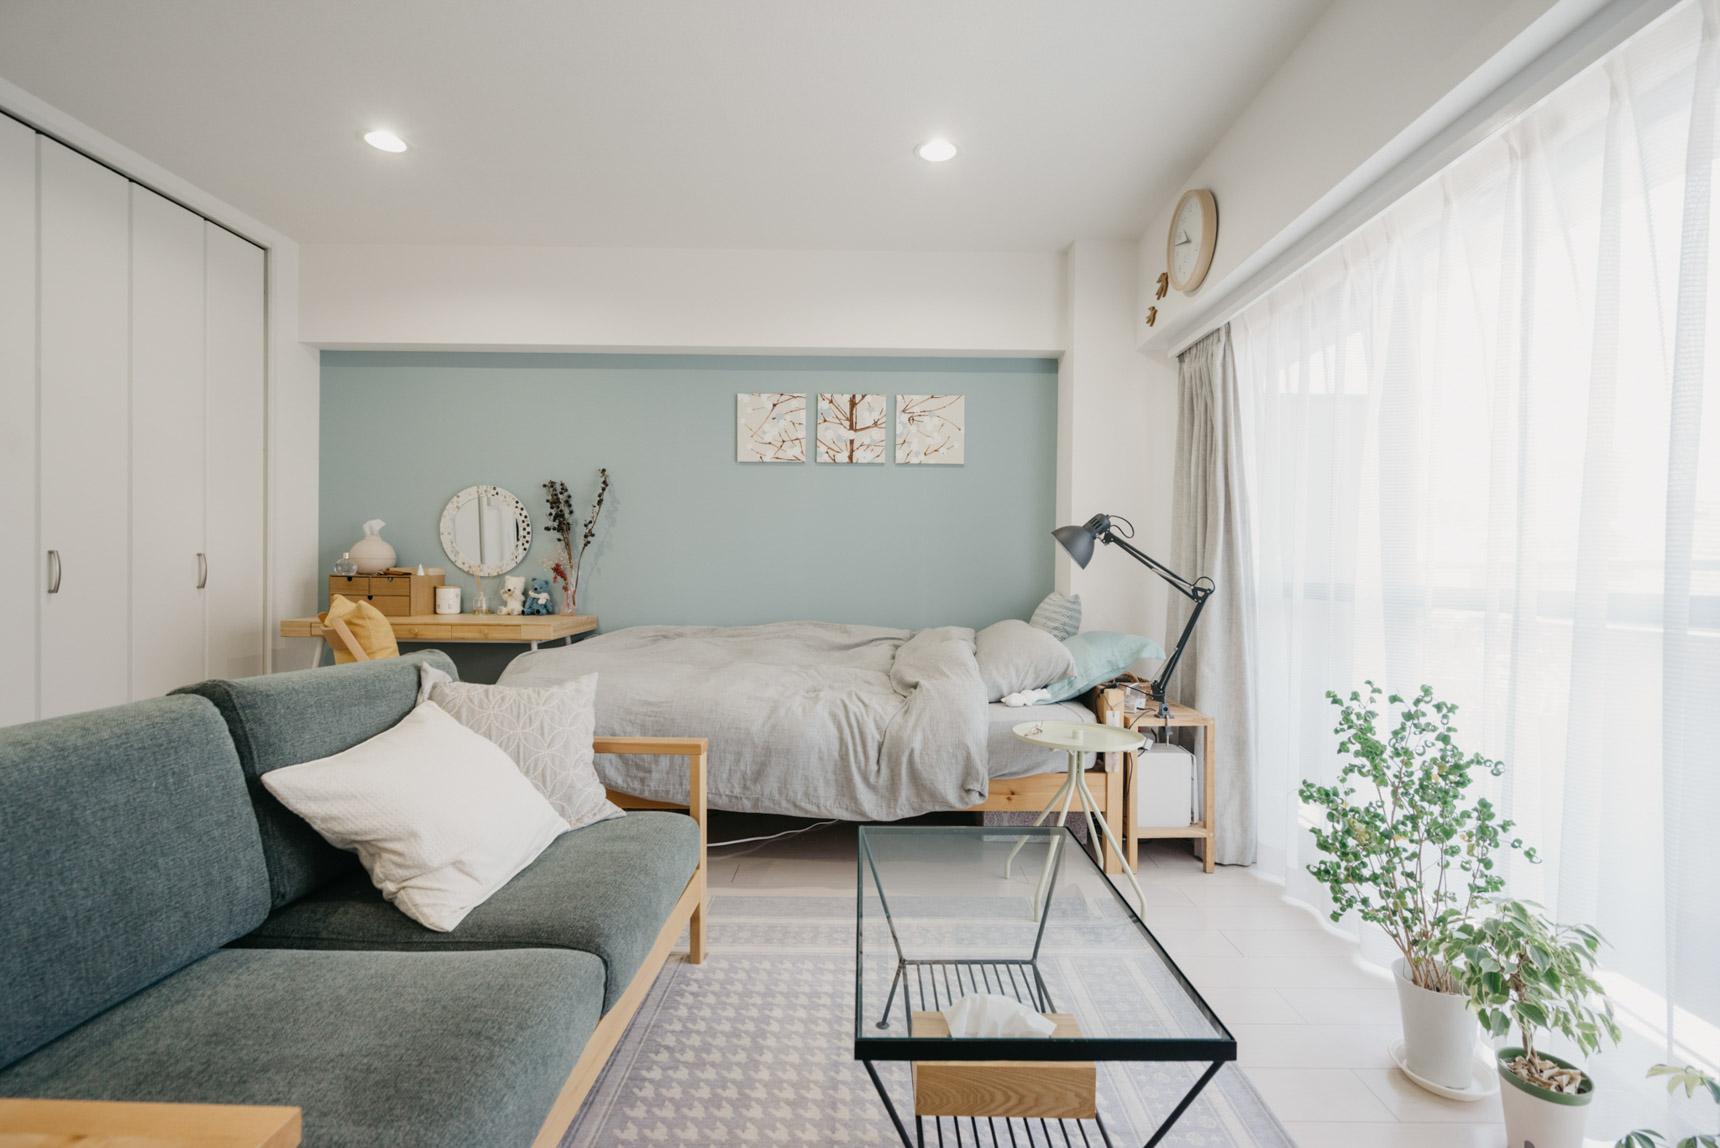 こちらのお部屋は、壁紙をアクセントカラーのブルーに張り替え。目にも優しい温かな色合いがとっても素敵ですよね。賃貸でも自分ではがせる壁紙もあるので、なんだか味気ないお部屋のイメージを変えるのにはぴったりのアイテムです。